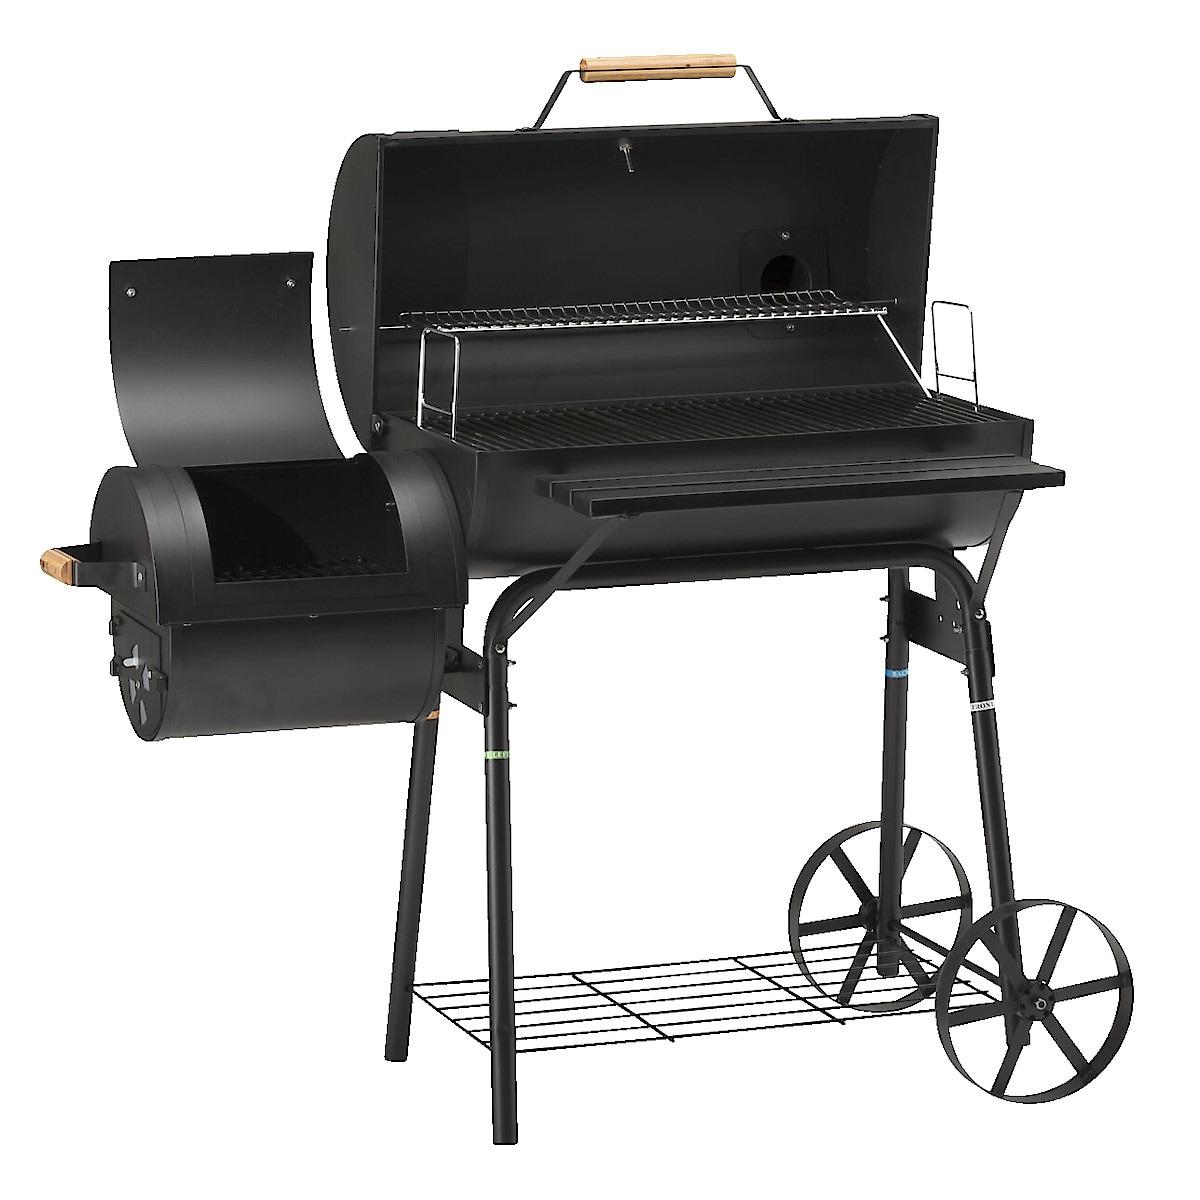 Hiiligrilli Tennessee 200 BBQ Smoker, Landmann